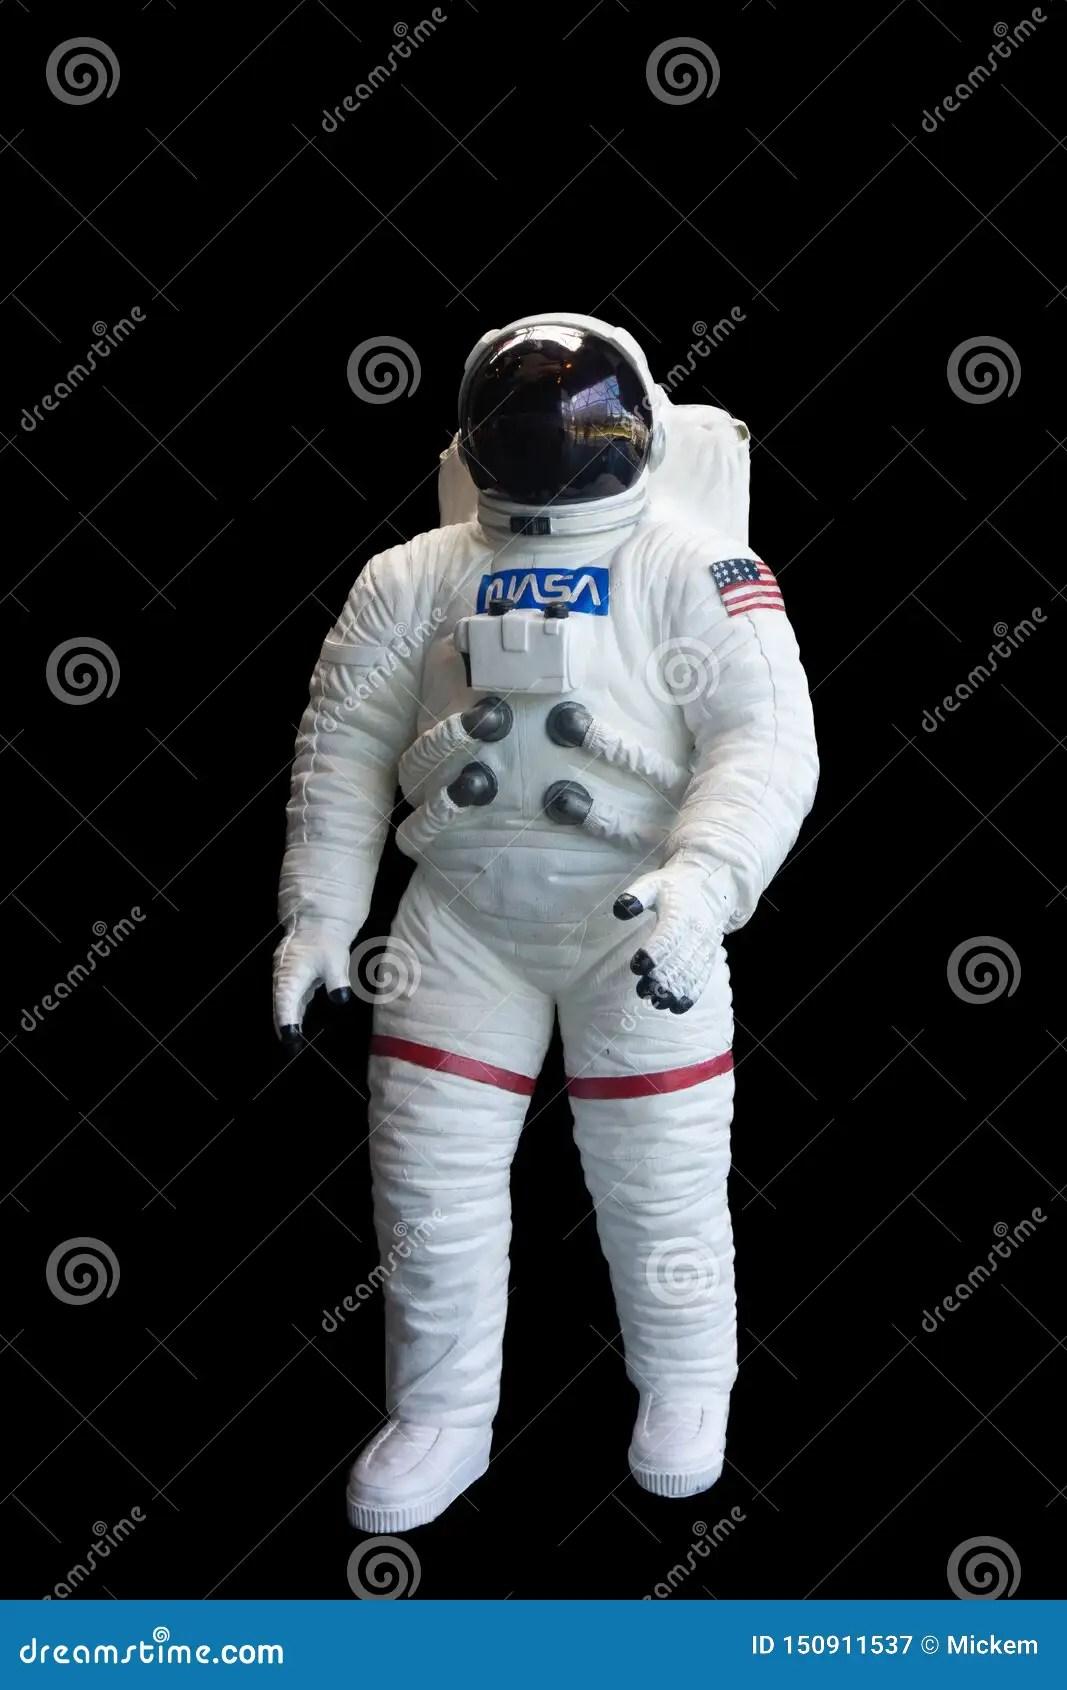 fond de noir de space suit vertical d